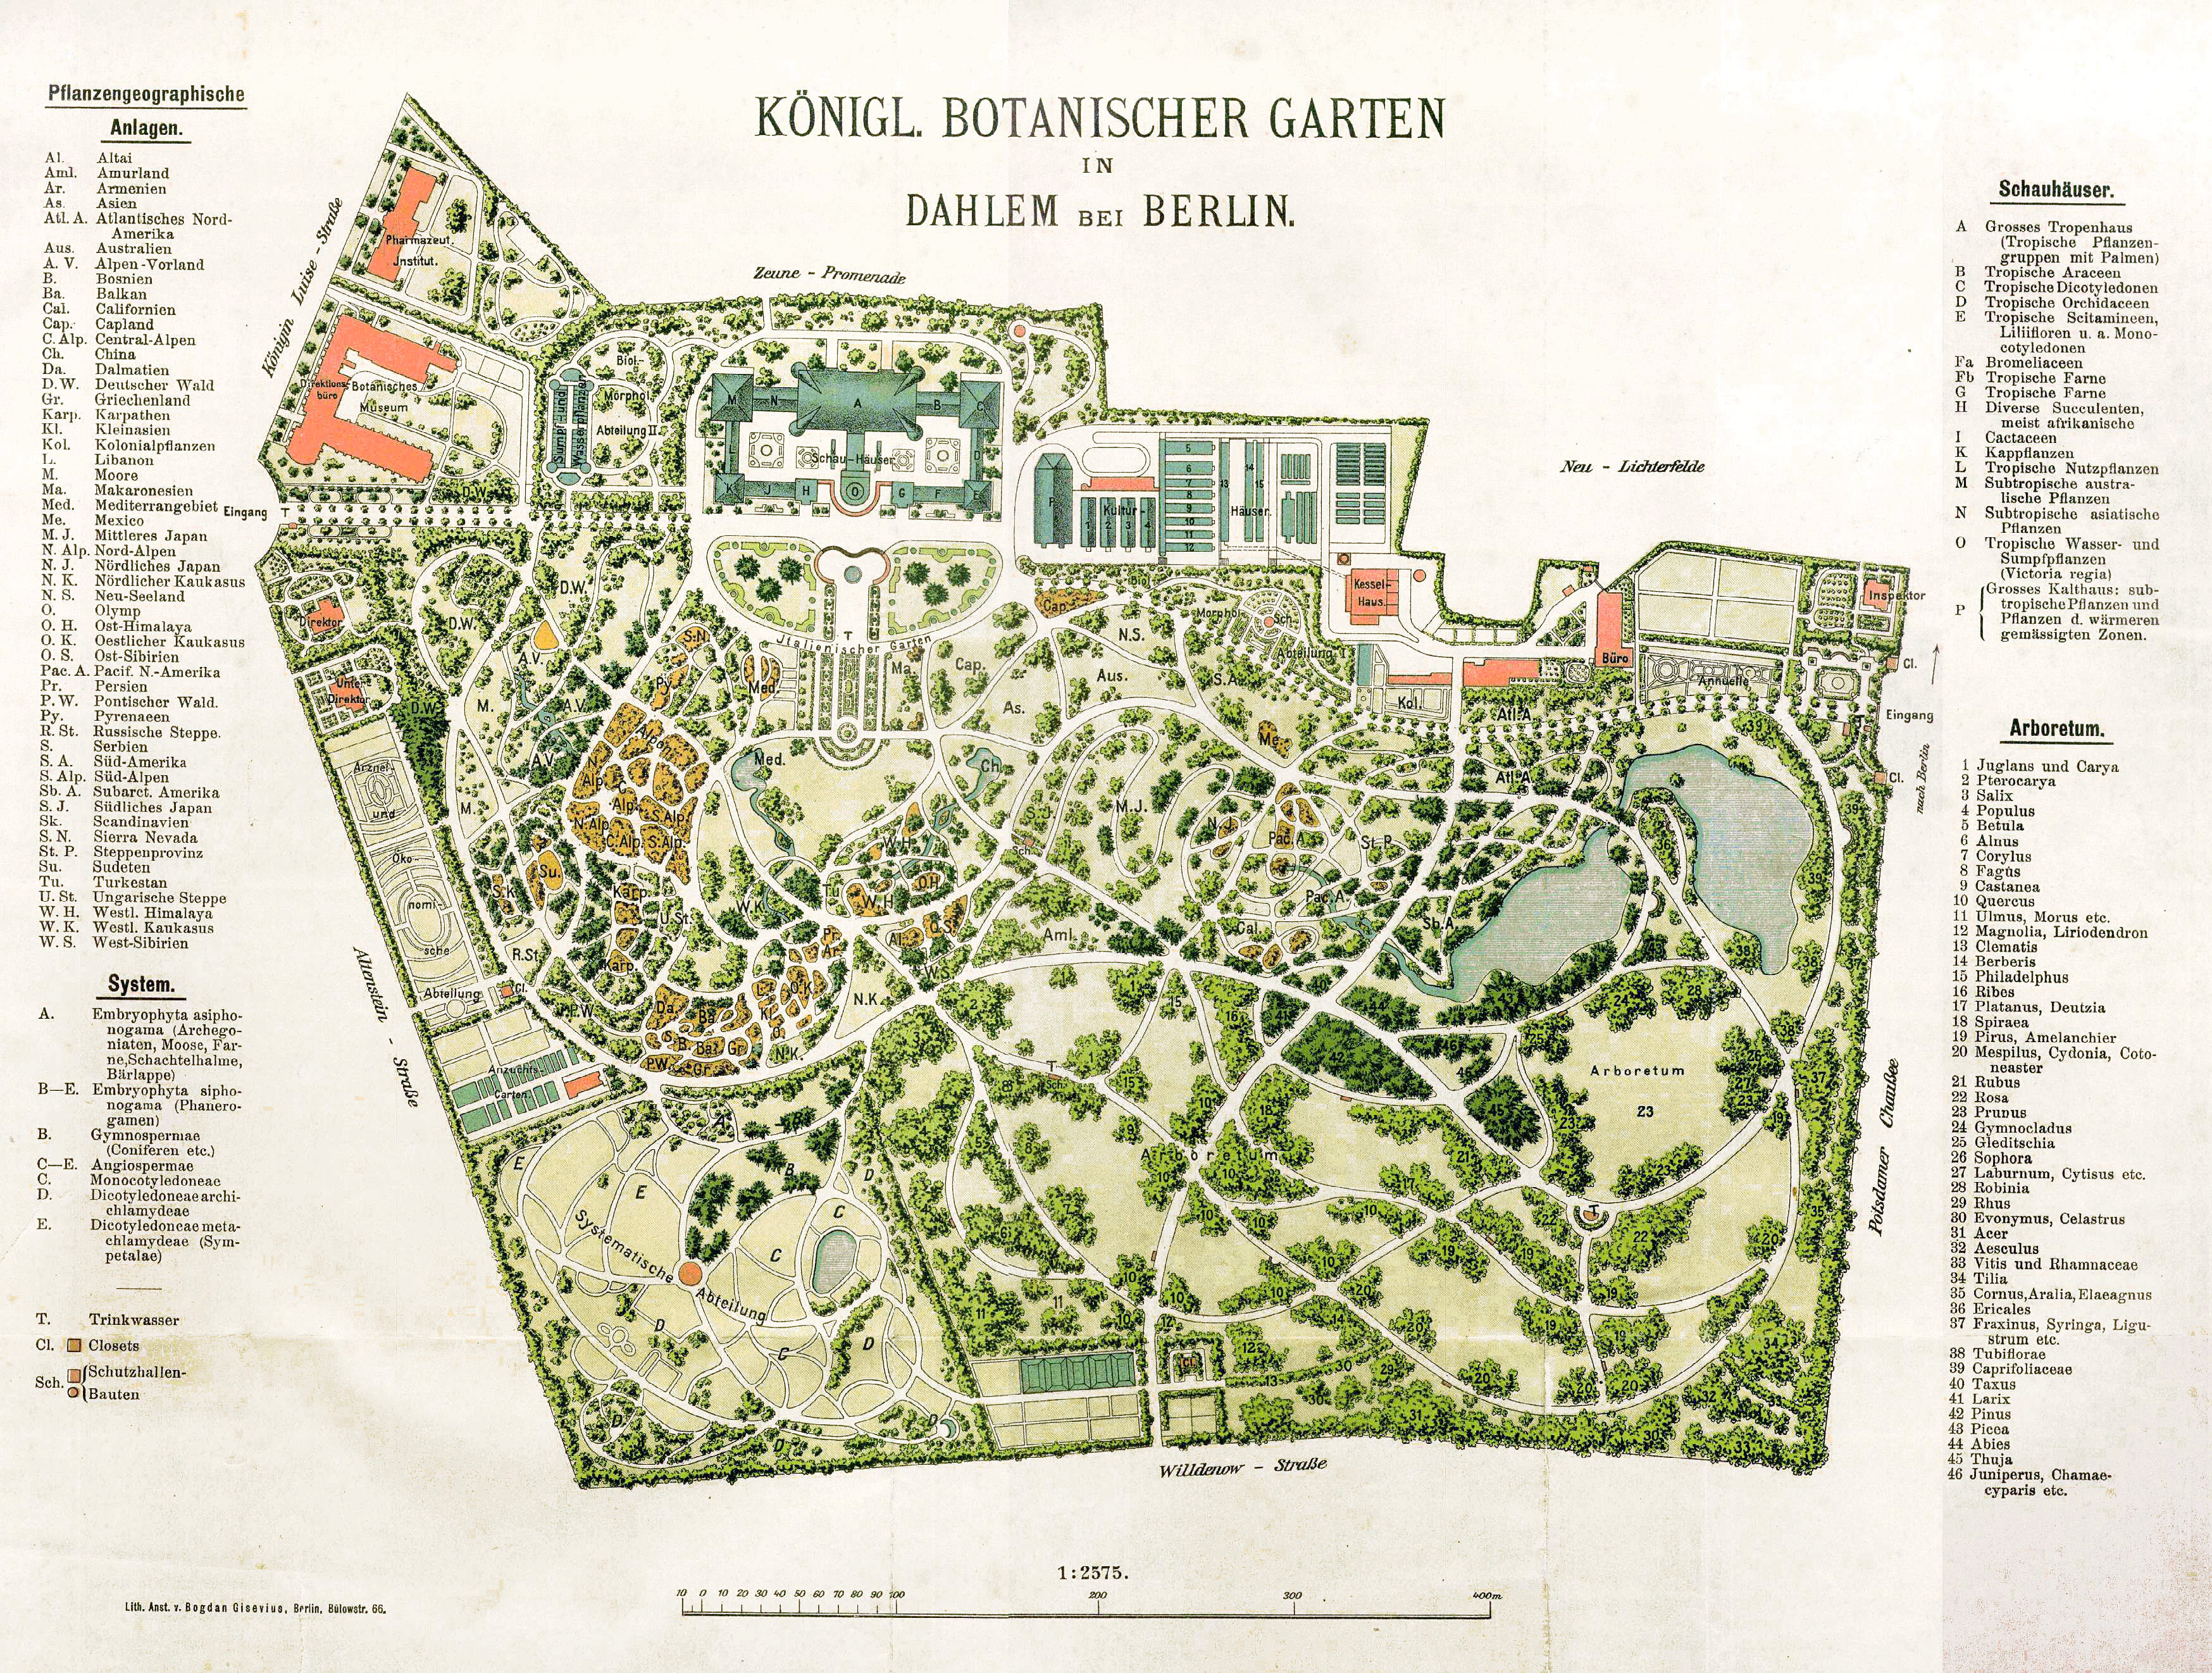 Description 1909 botanischer garten plan